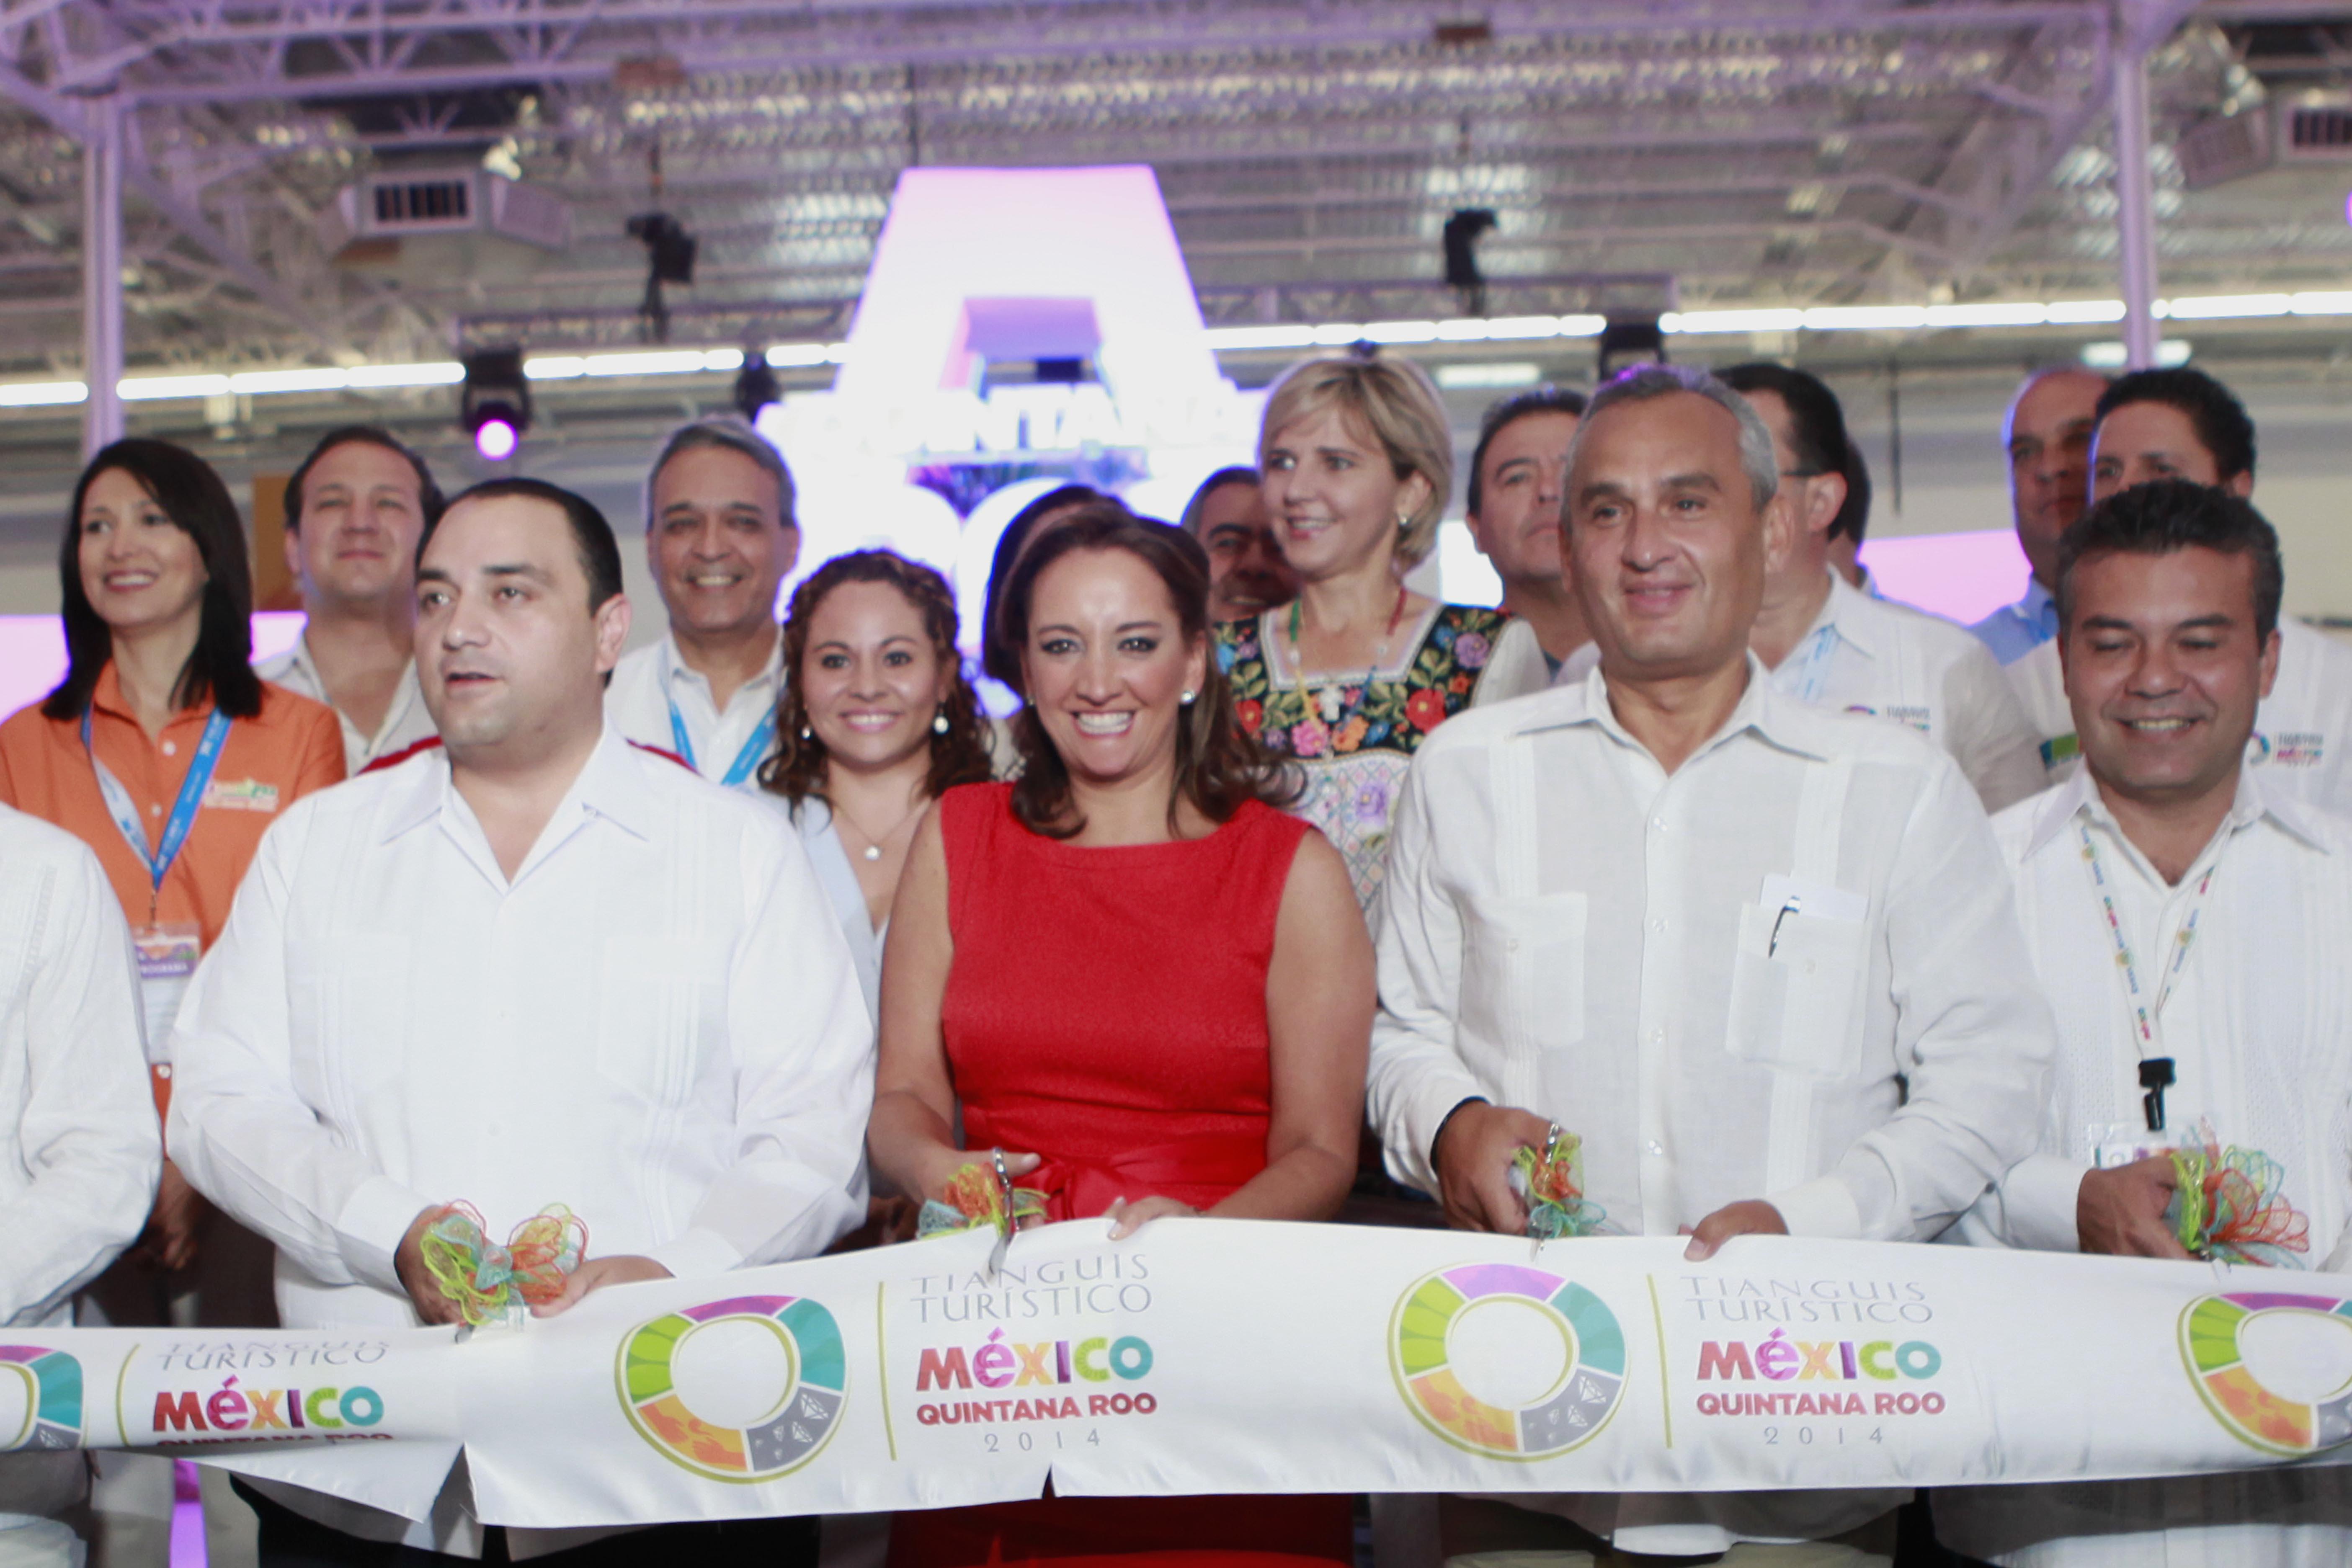 La Secretaria de Turismo del Gobierno de la República, Claudia Ruiz Massieu, corta el listón del Tianguis Turístico México - Quintana Roo, 2014.